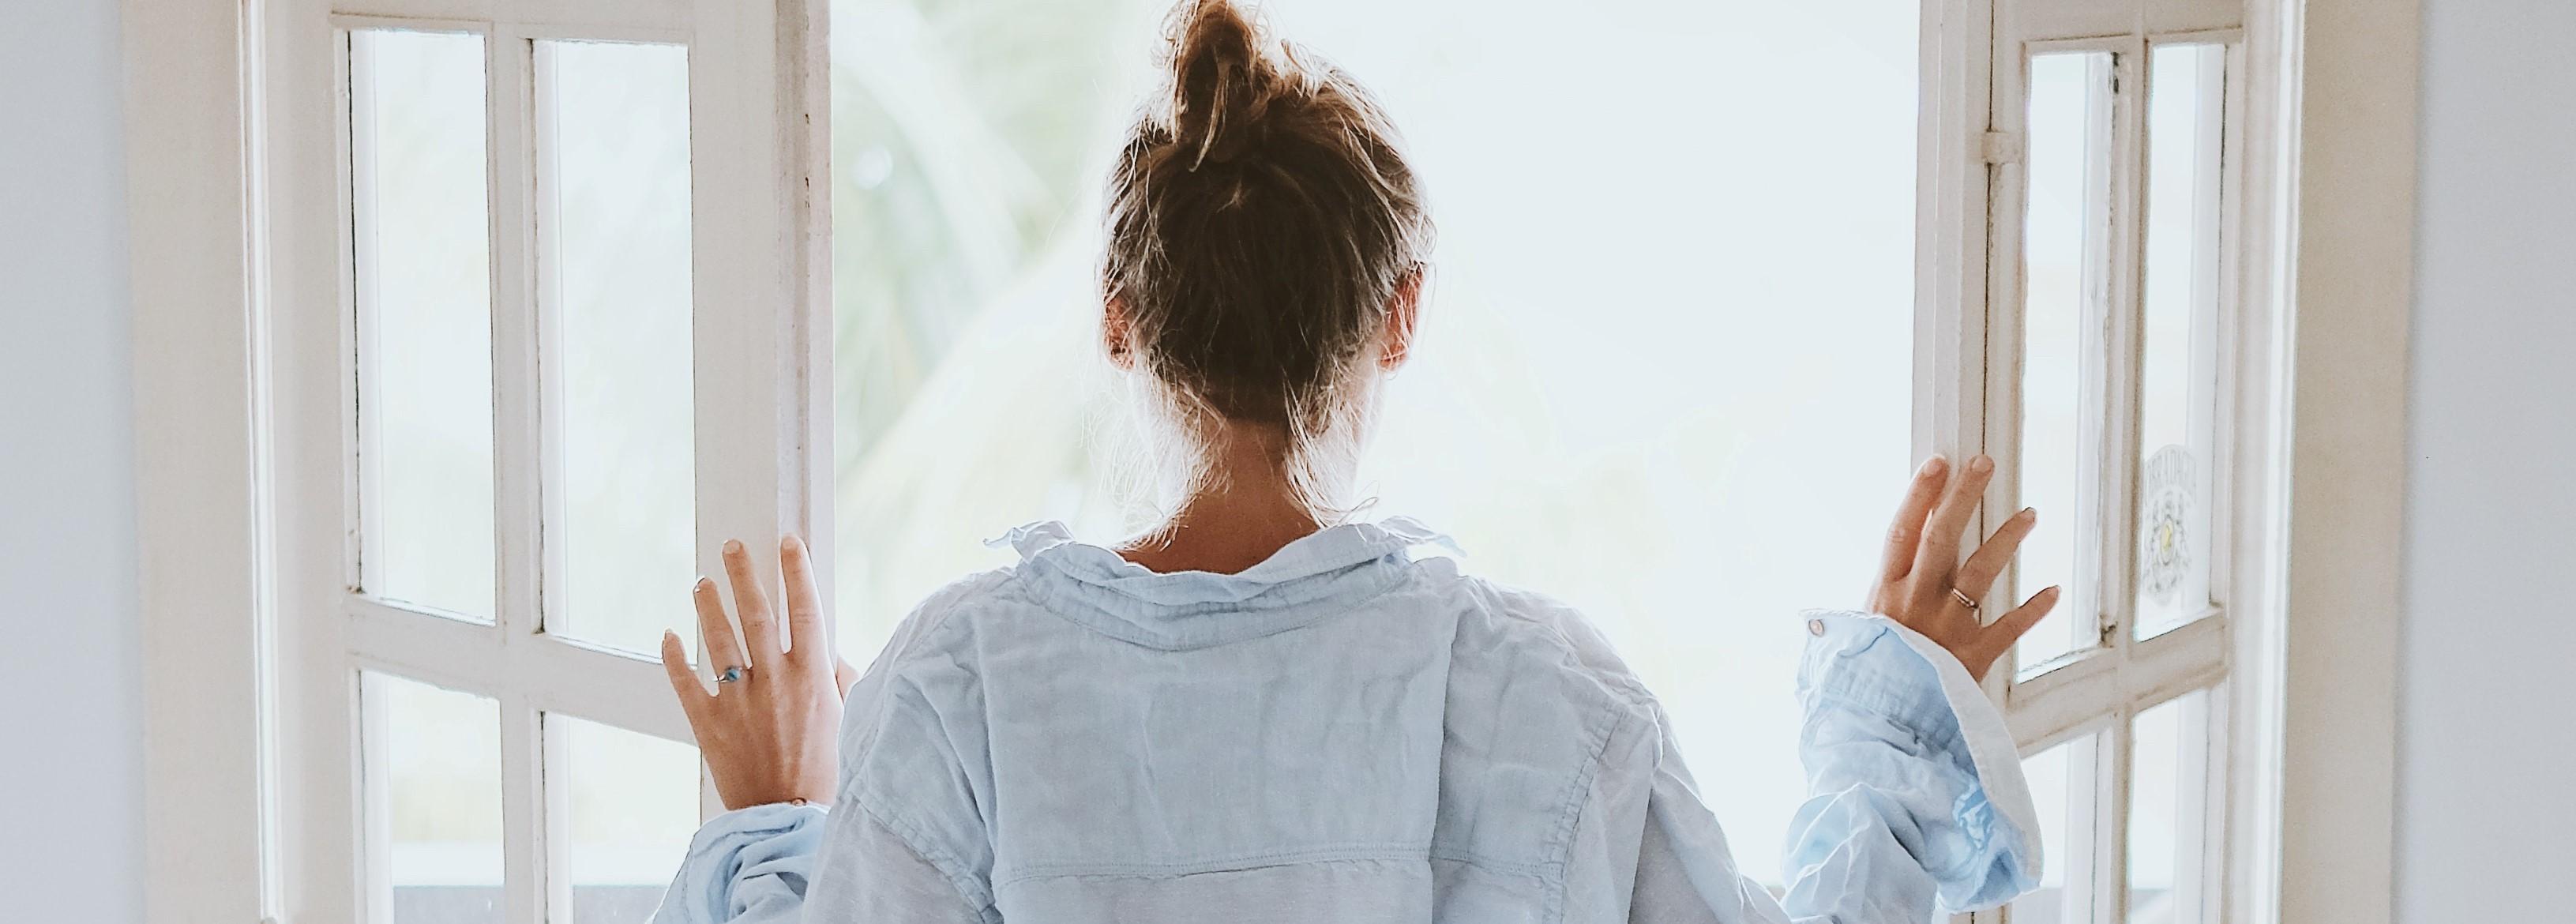 Frau sucht Physiotherapie schaut aus dem Fenster.